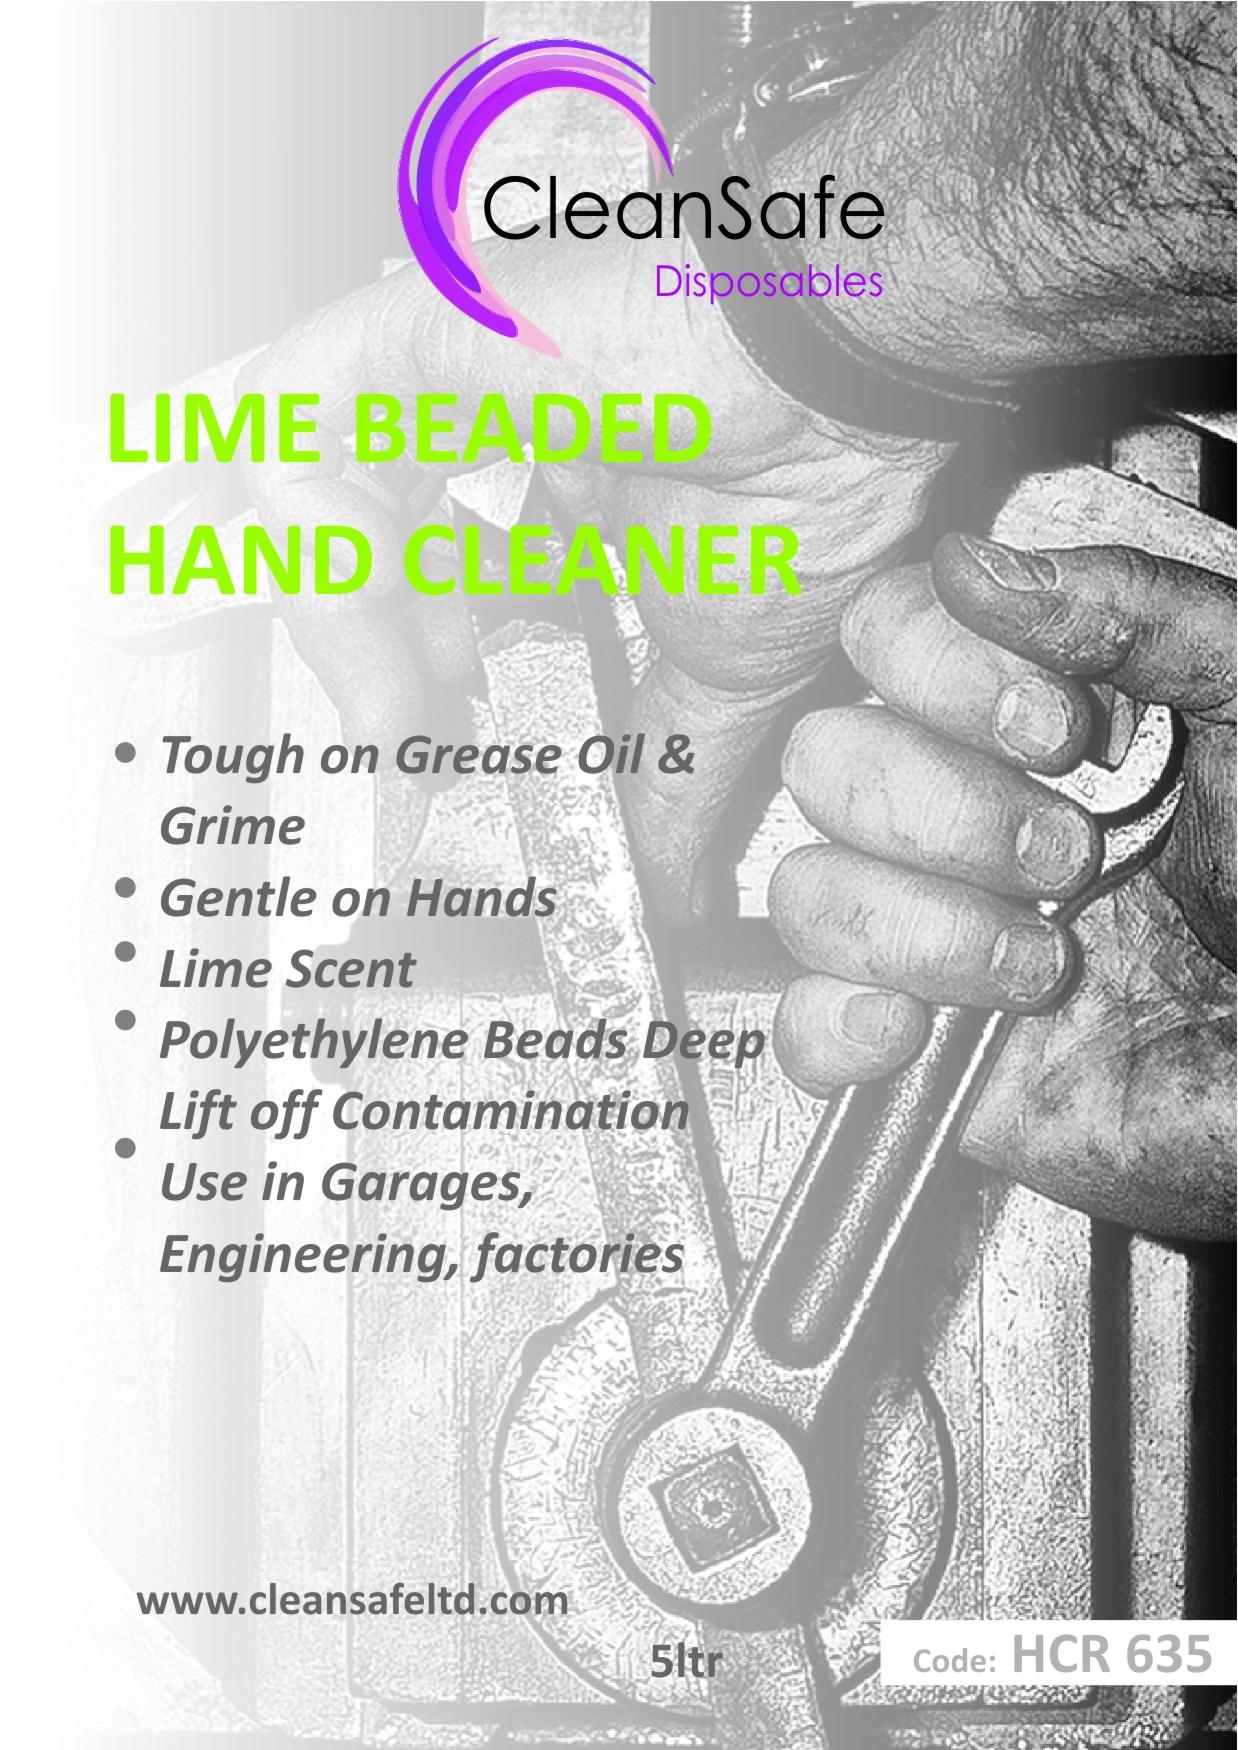 Lime Beaded Hand Cleaner (5ltr)